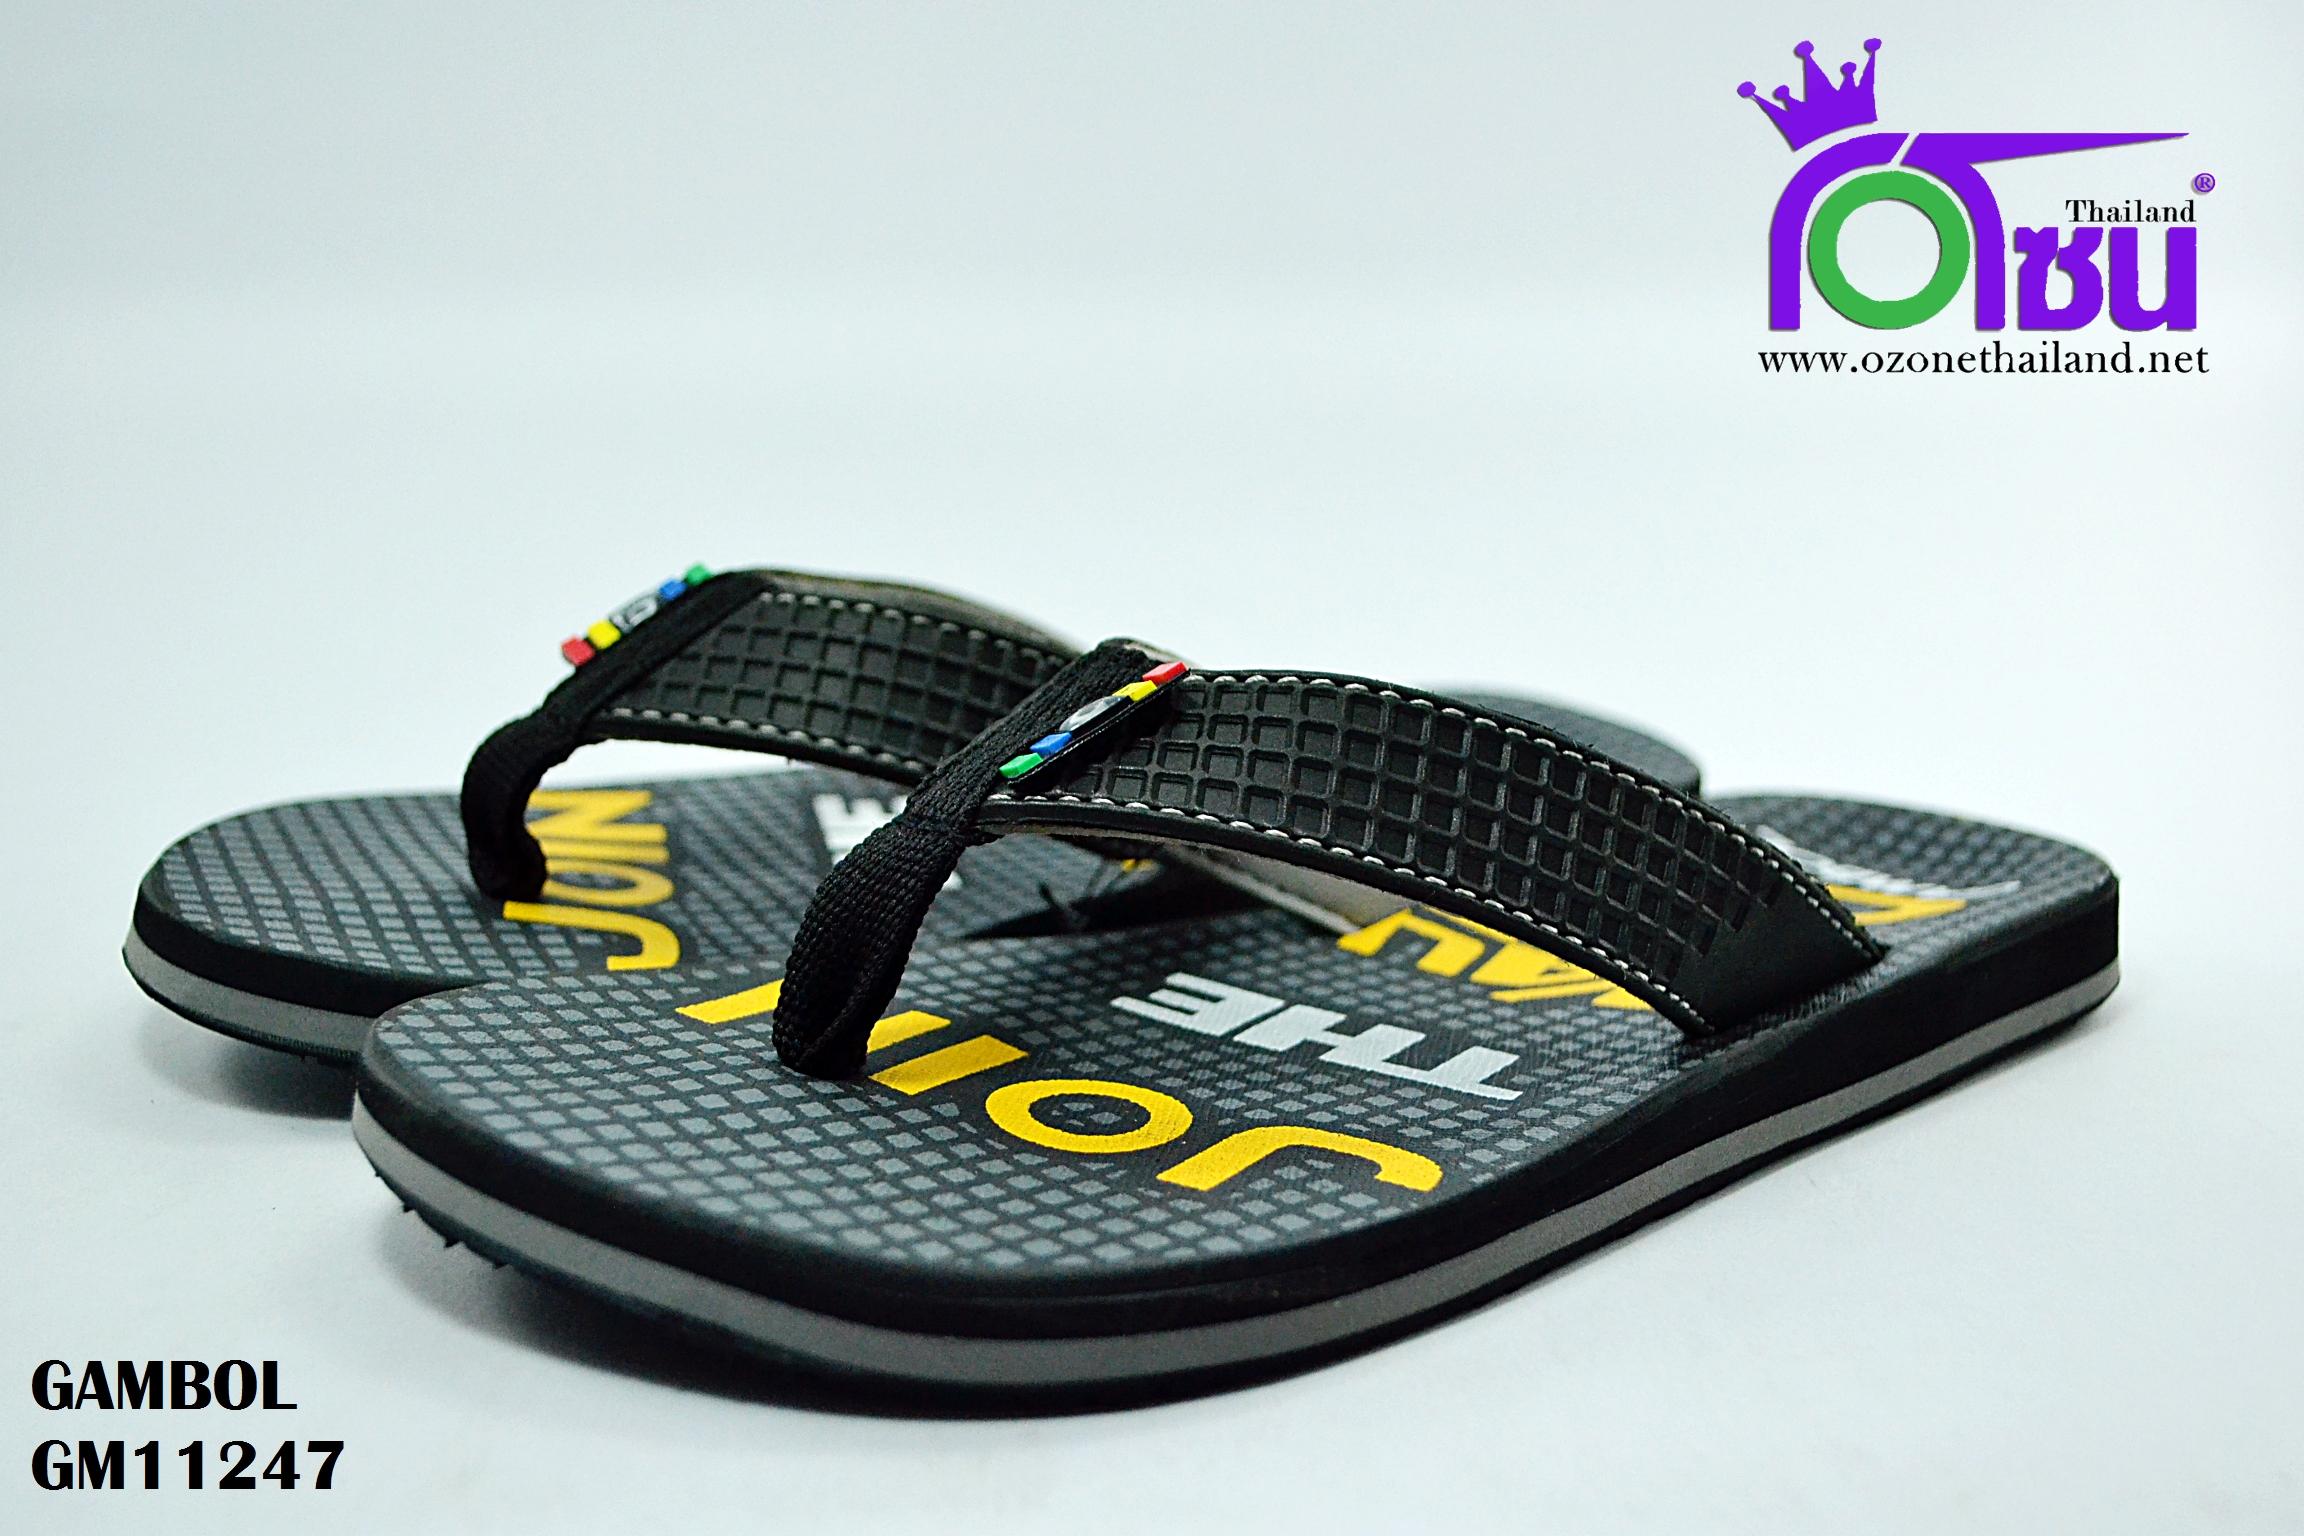 รองเท้าแตะ แกมโบล GAMBOL รุ่น GM11247 สี ดำ เบอร์ 40-44